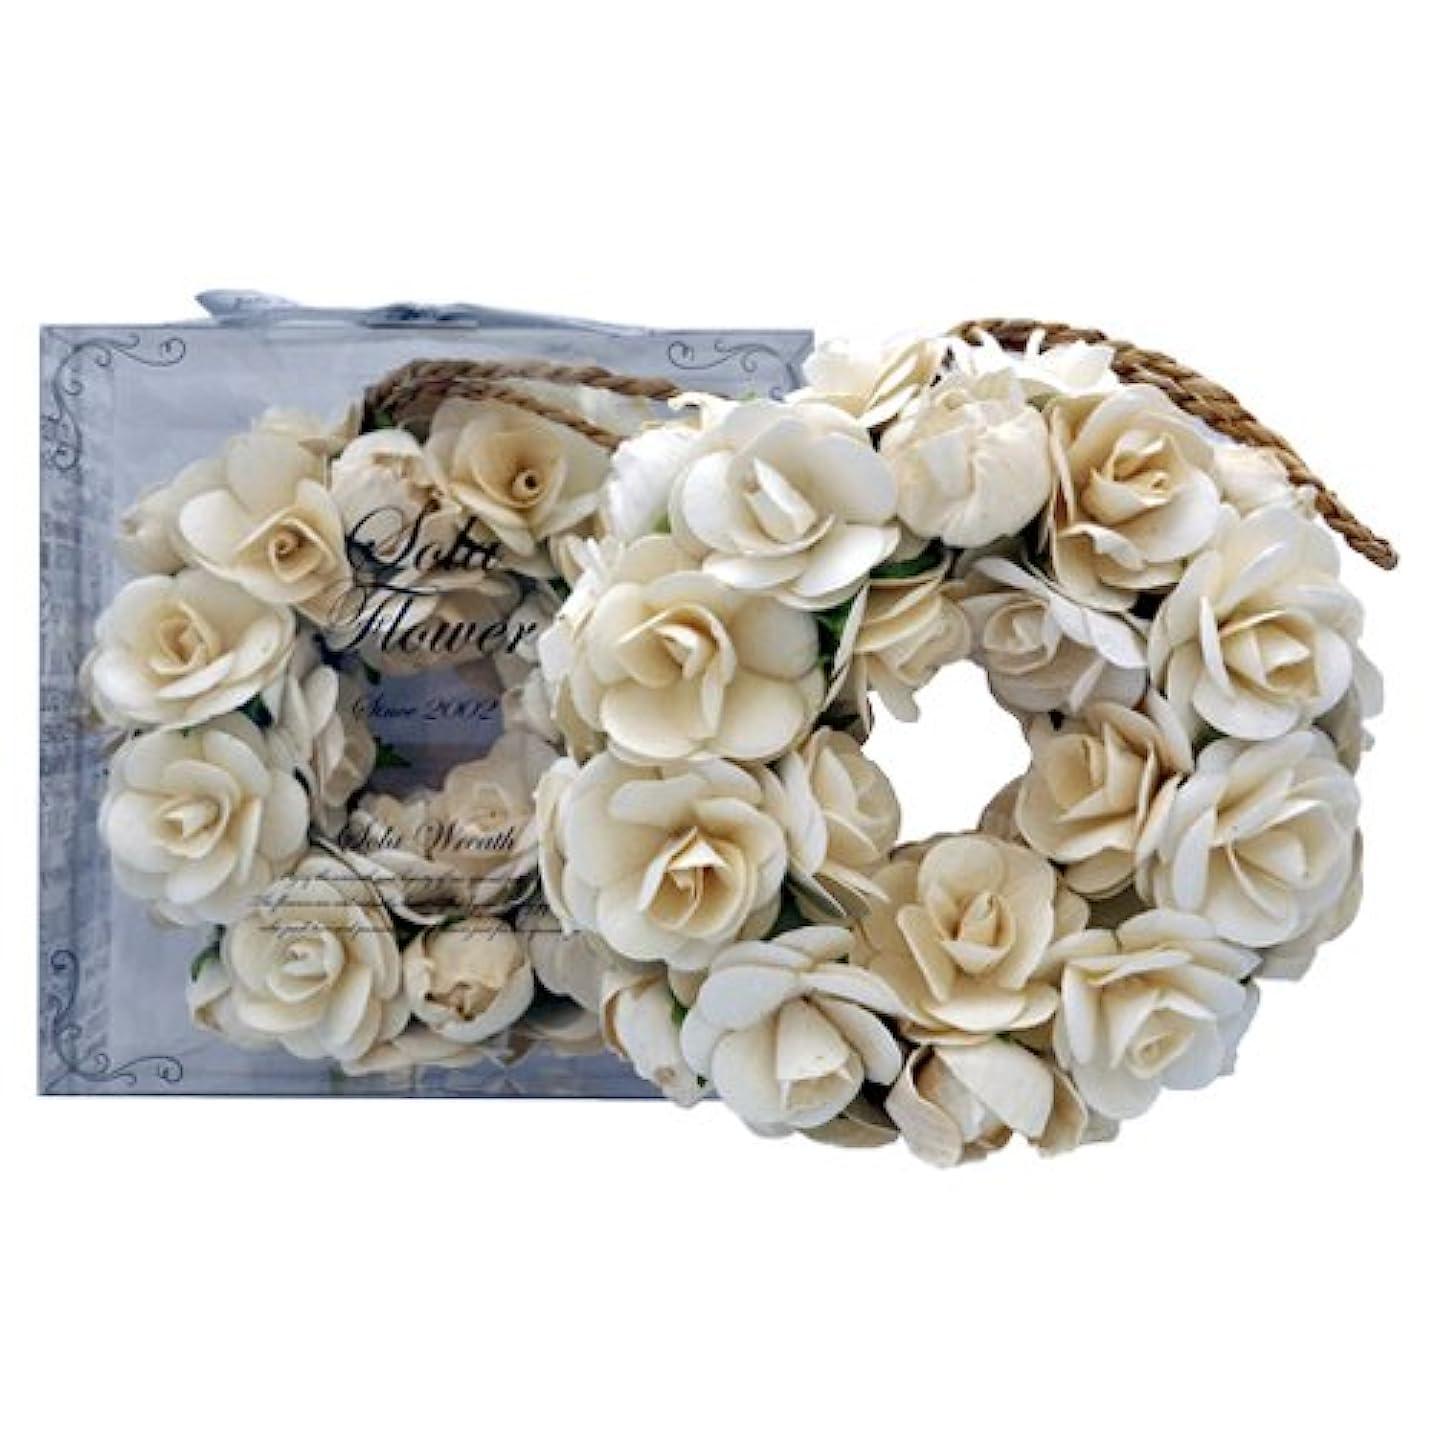 委員会部門教えてnew Sola Flower ソラフラワー リース Elegant Peony エレガントピオニー Wreath